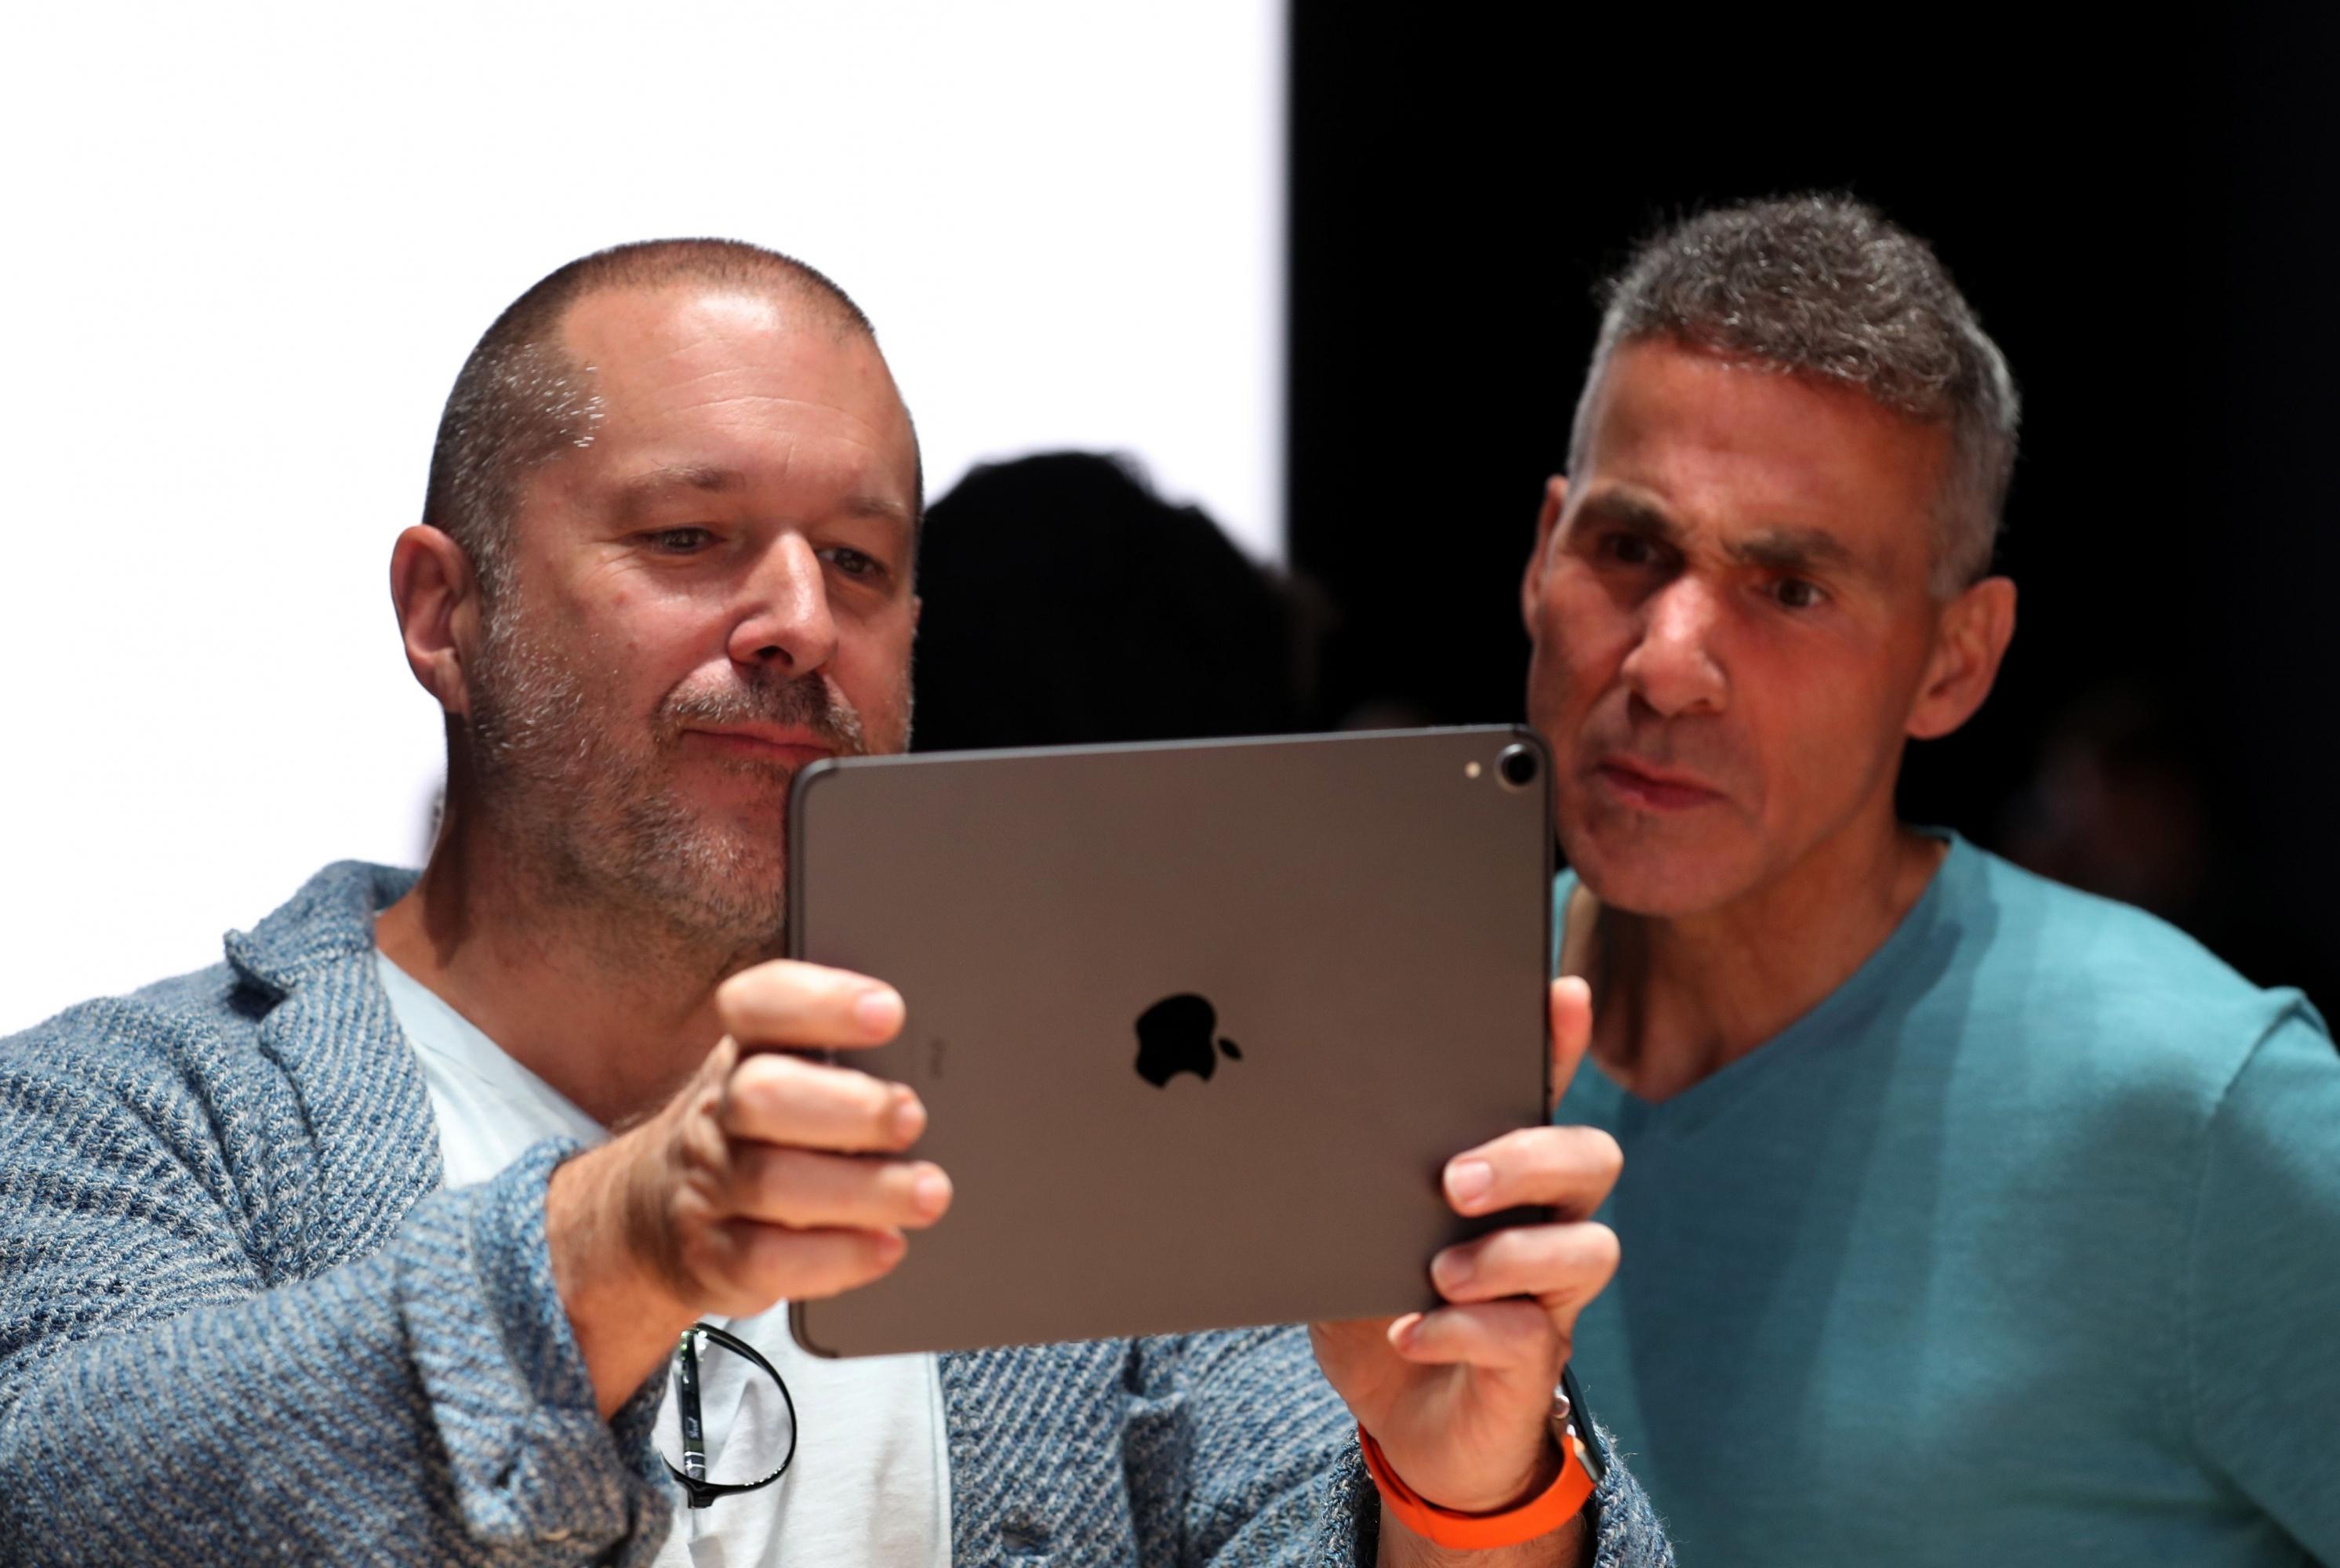 El veterano jefe de diseño de Apple, que dio forma al iPhone, deja la empresa